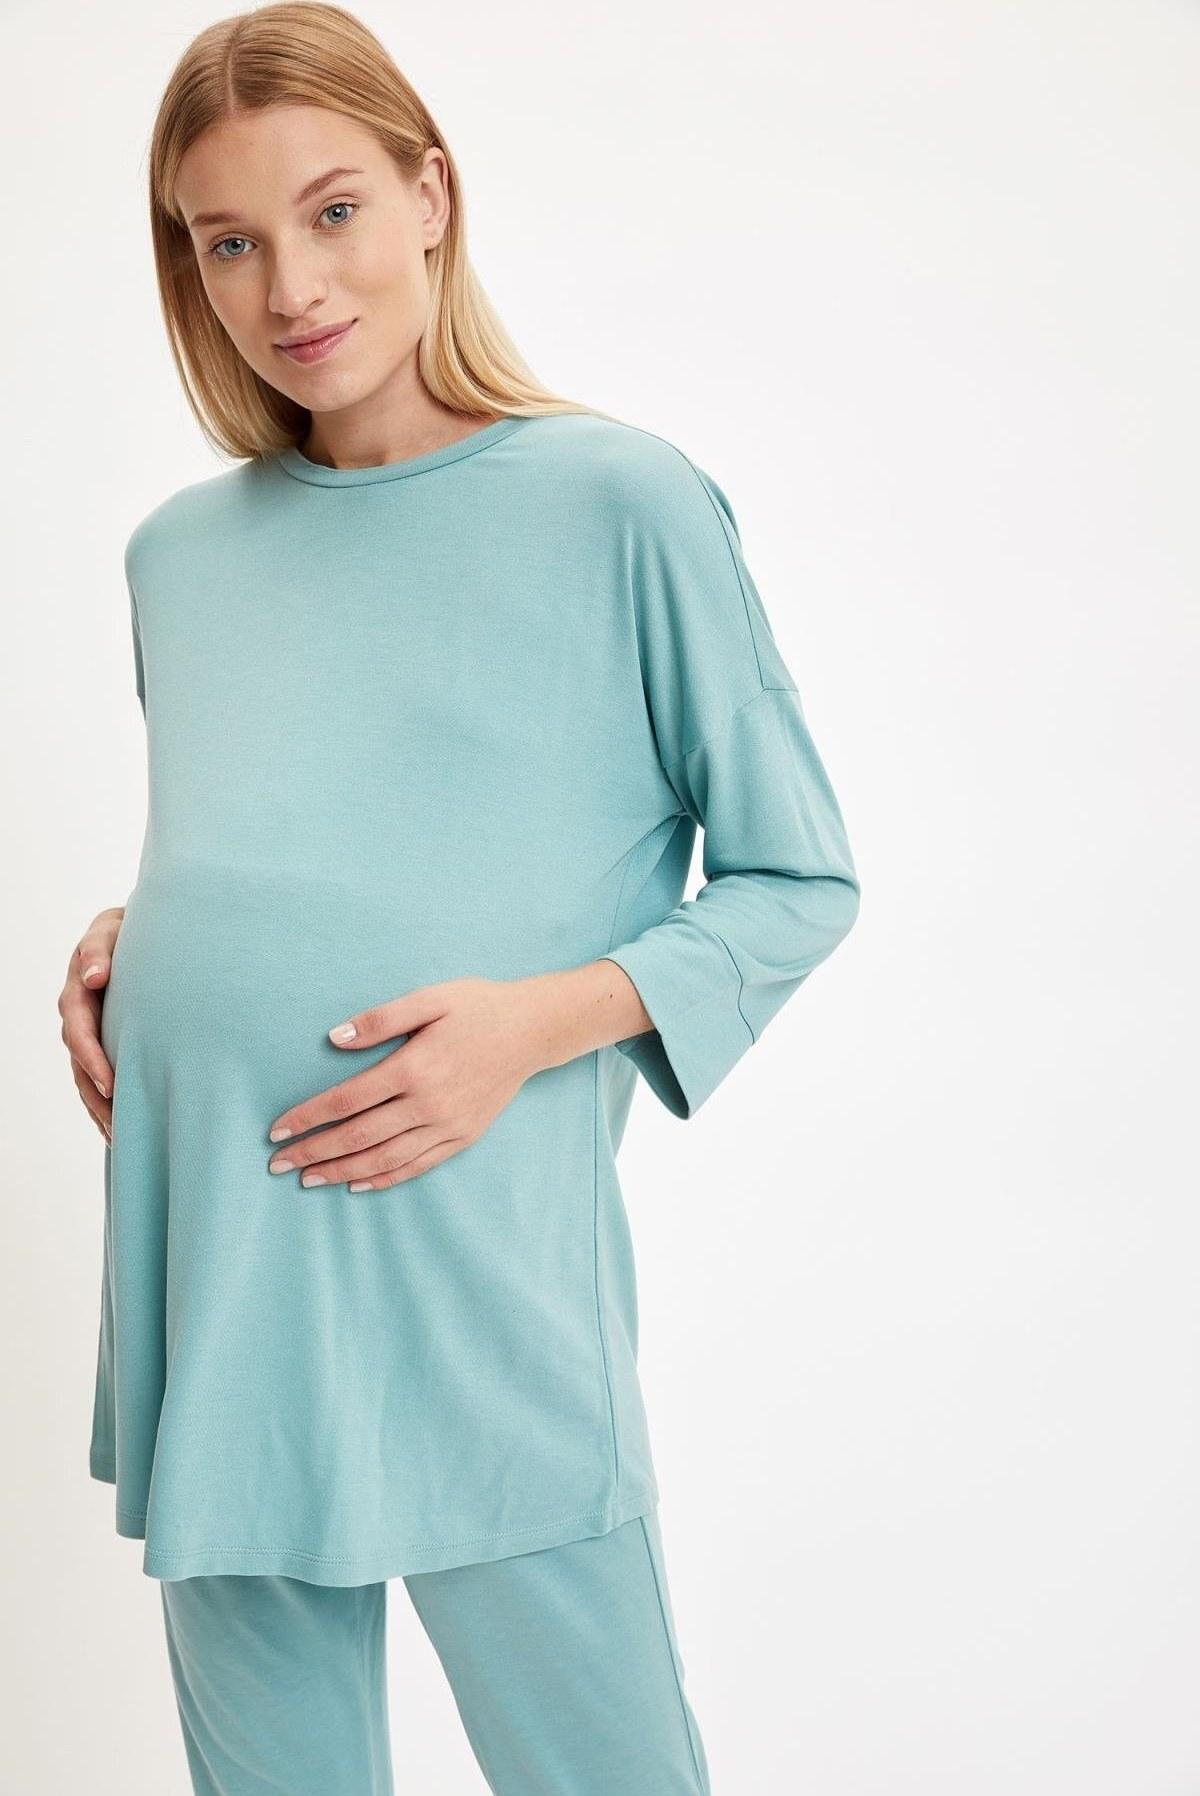 تیشرت بارداری زنانه آستین بلند Relax نعنایی رنگ برند Defacto کد 1608711781